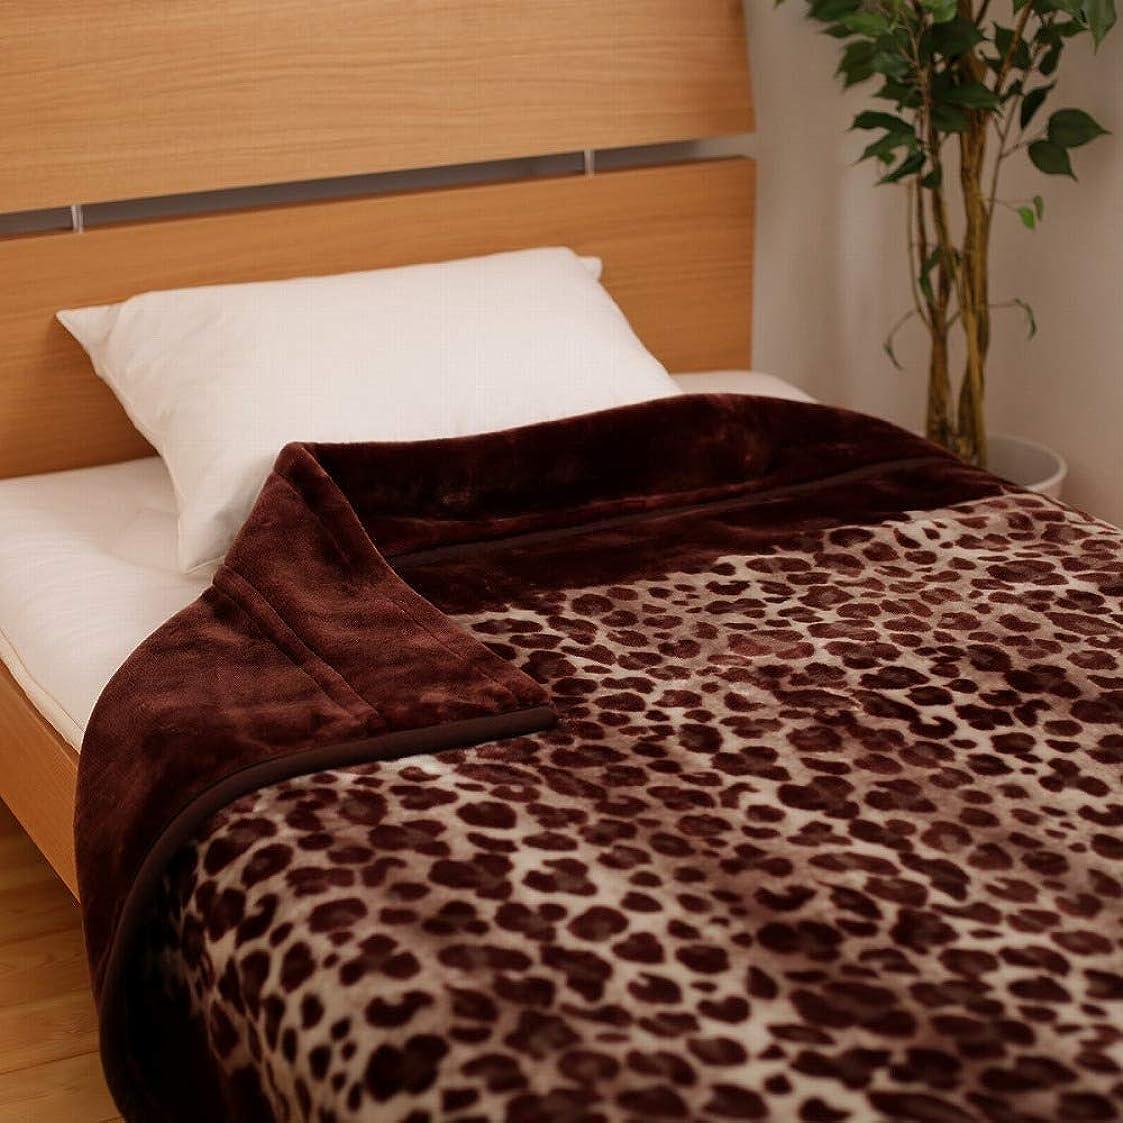 パシフィックミント聞きます昭和西川 2枚合わせ 毛布 レオパード シングル 140×200cm ヒョウ柄 (ブラウン)